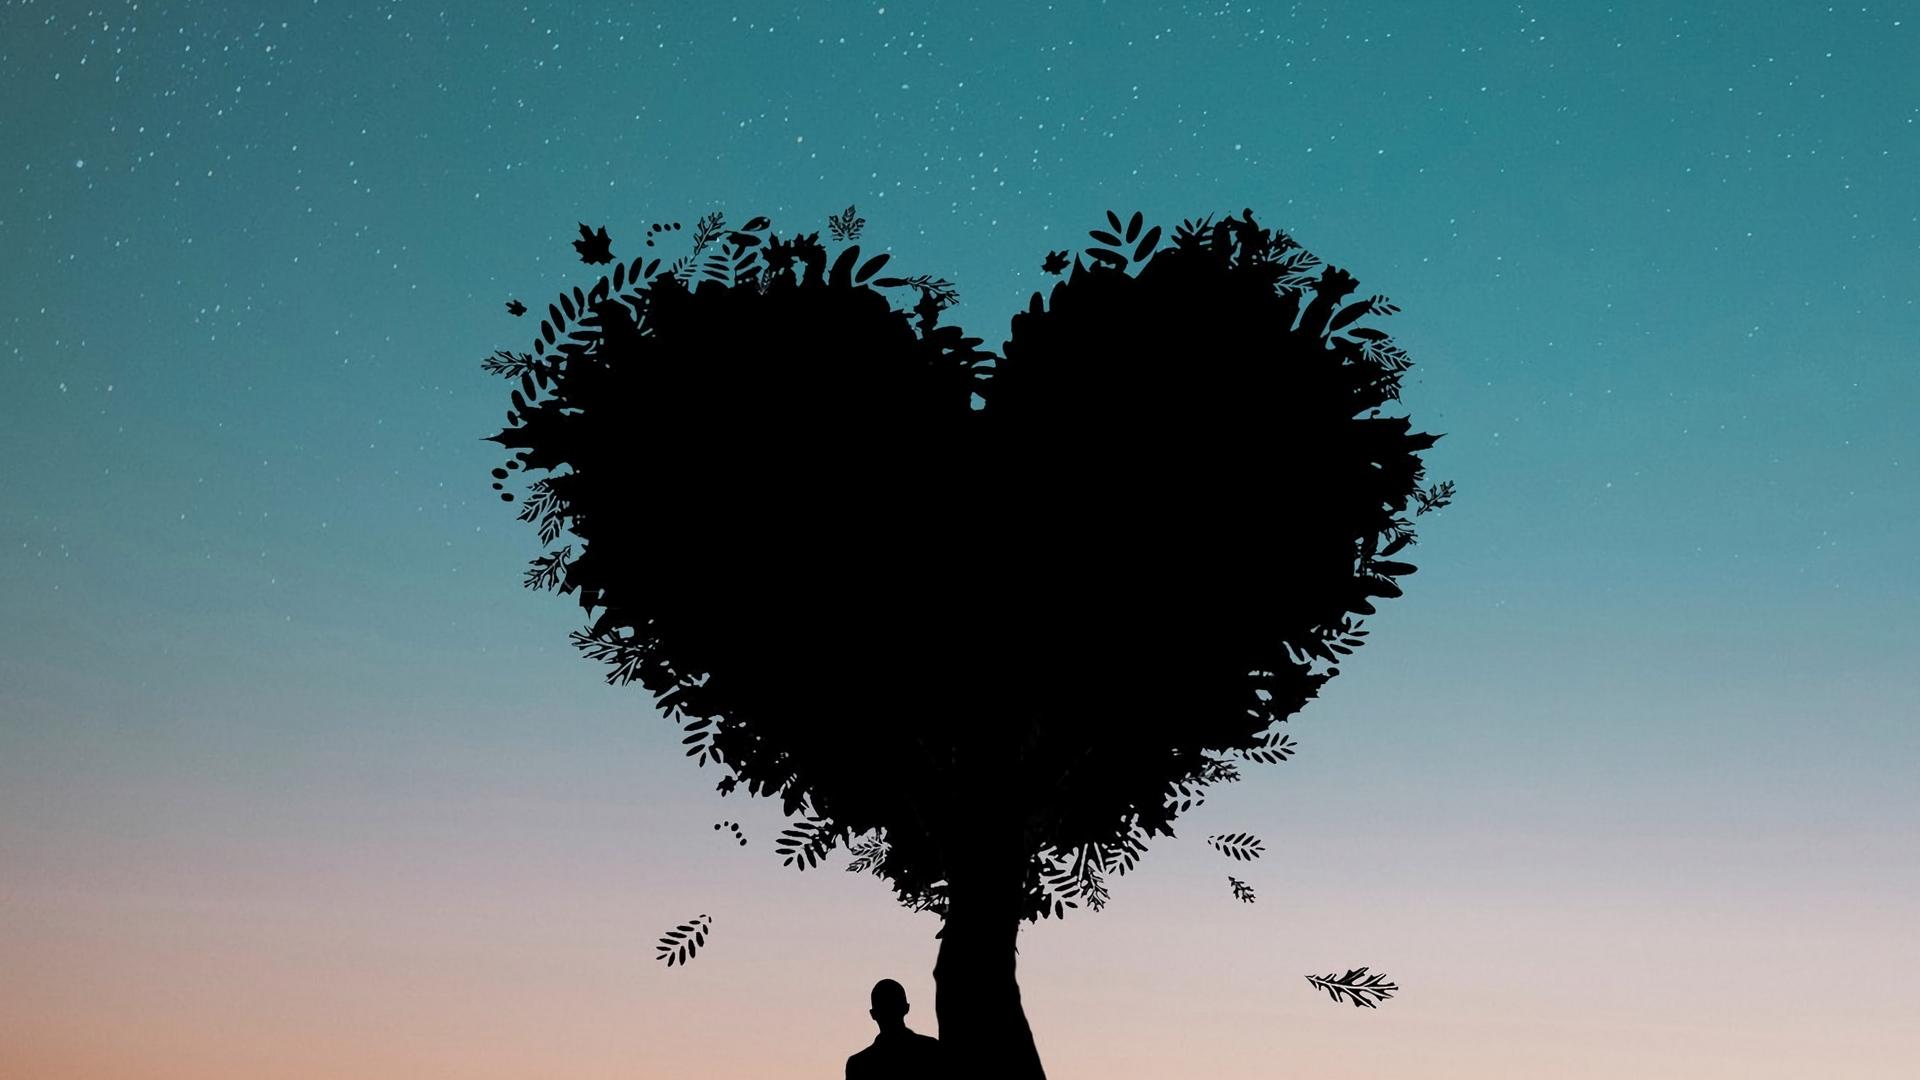 Удивительные и милые картинки про Любовь на рабочий стол №6 13